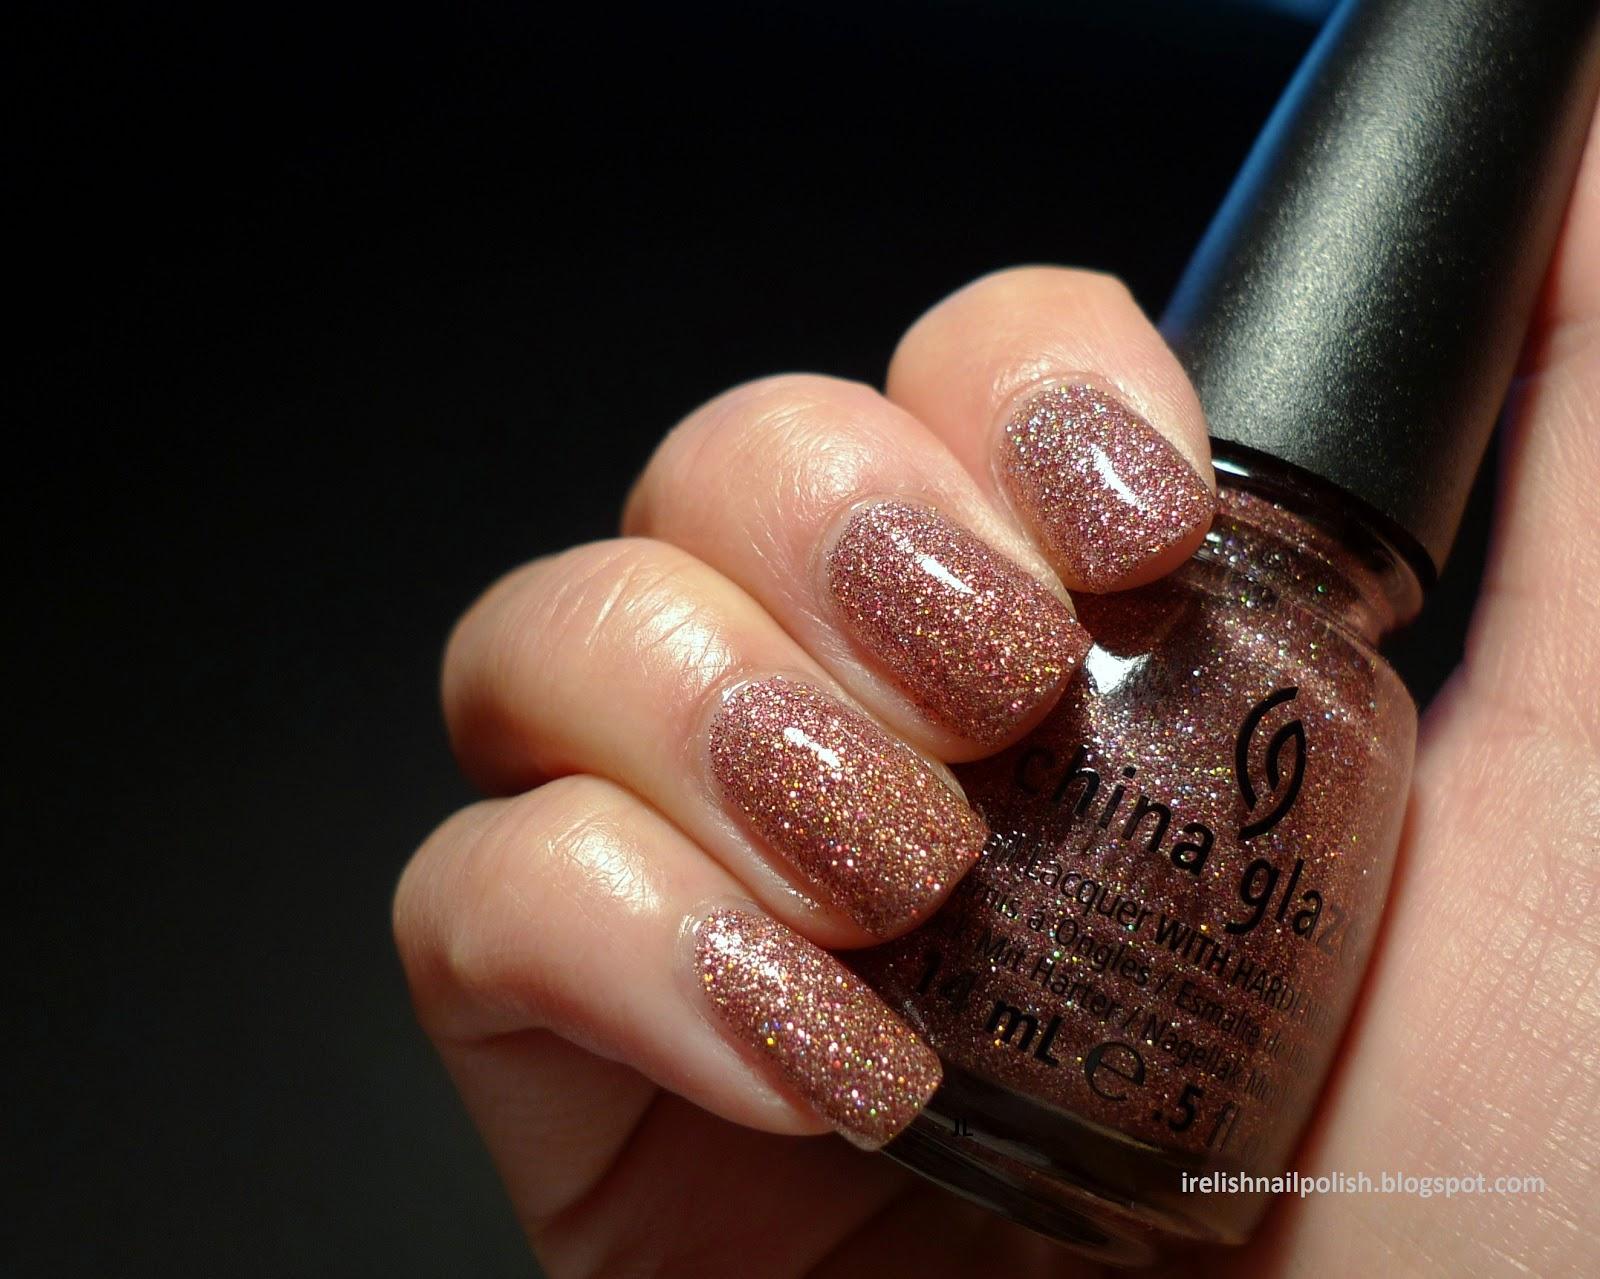 I Relish Nail Polish!: Go Pink Wednesday - China Glaze - United